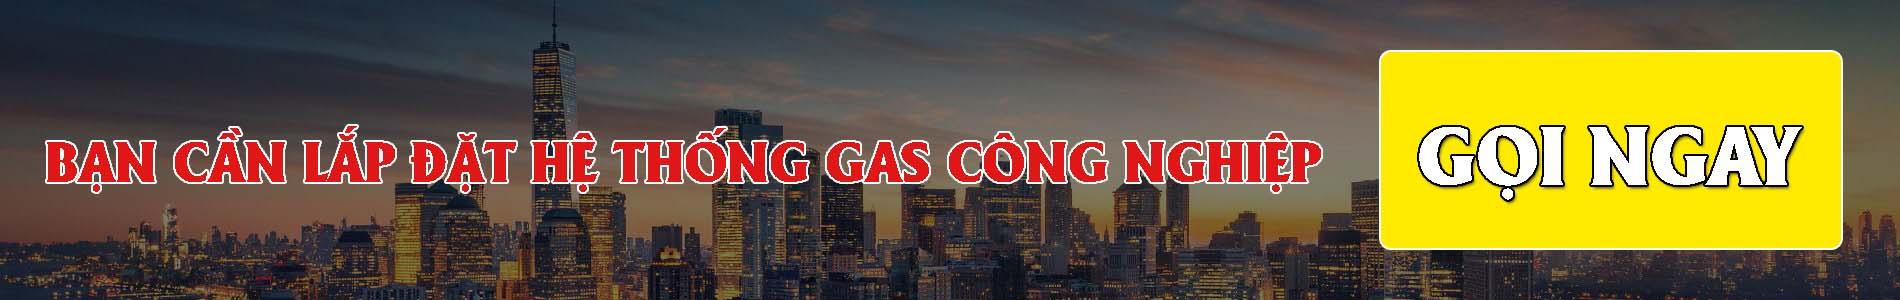 Liên hệ tư vấn lắp đặt hệ thống gas công nghiệp